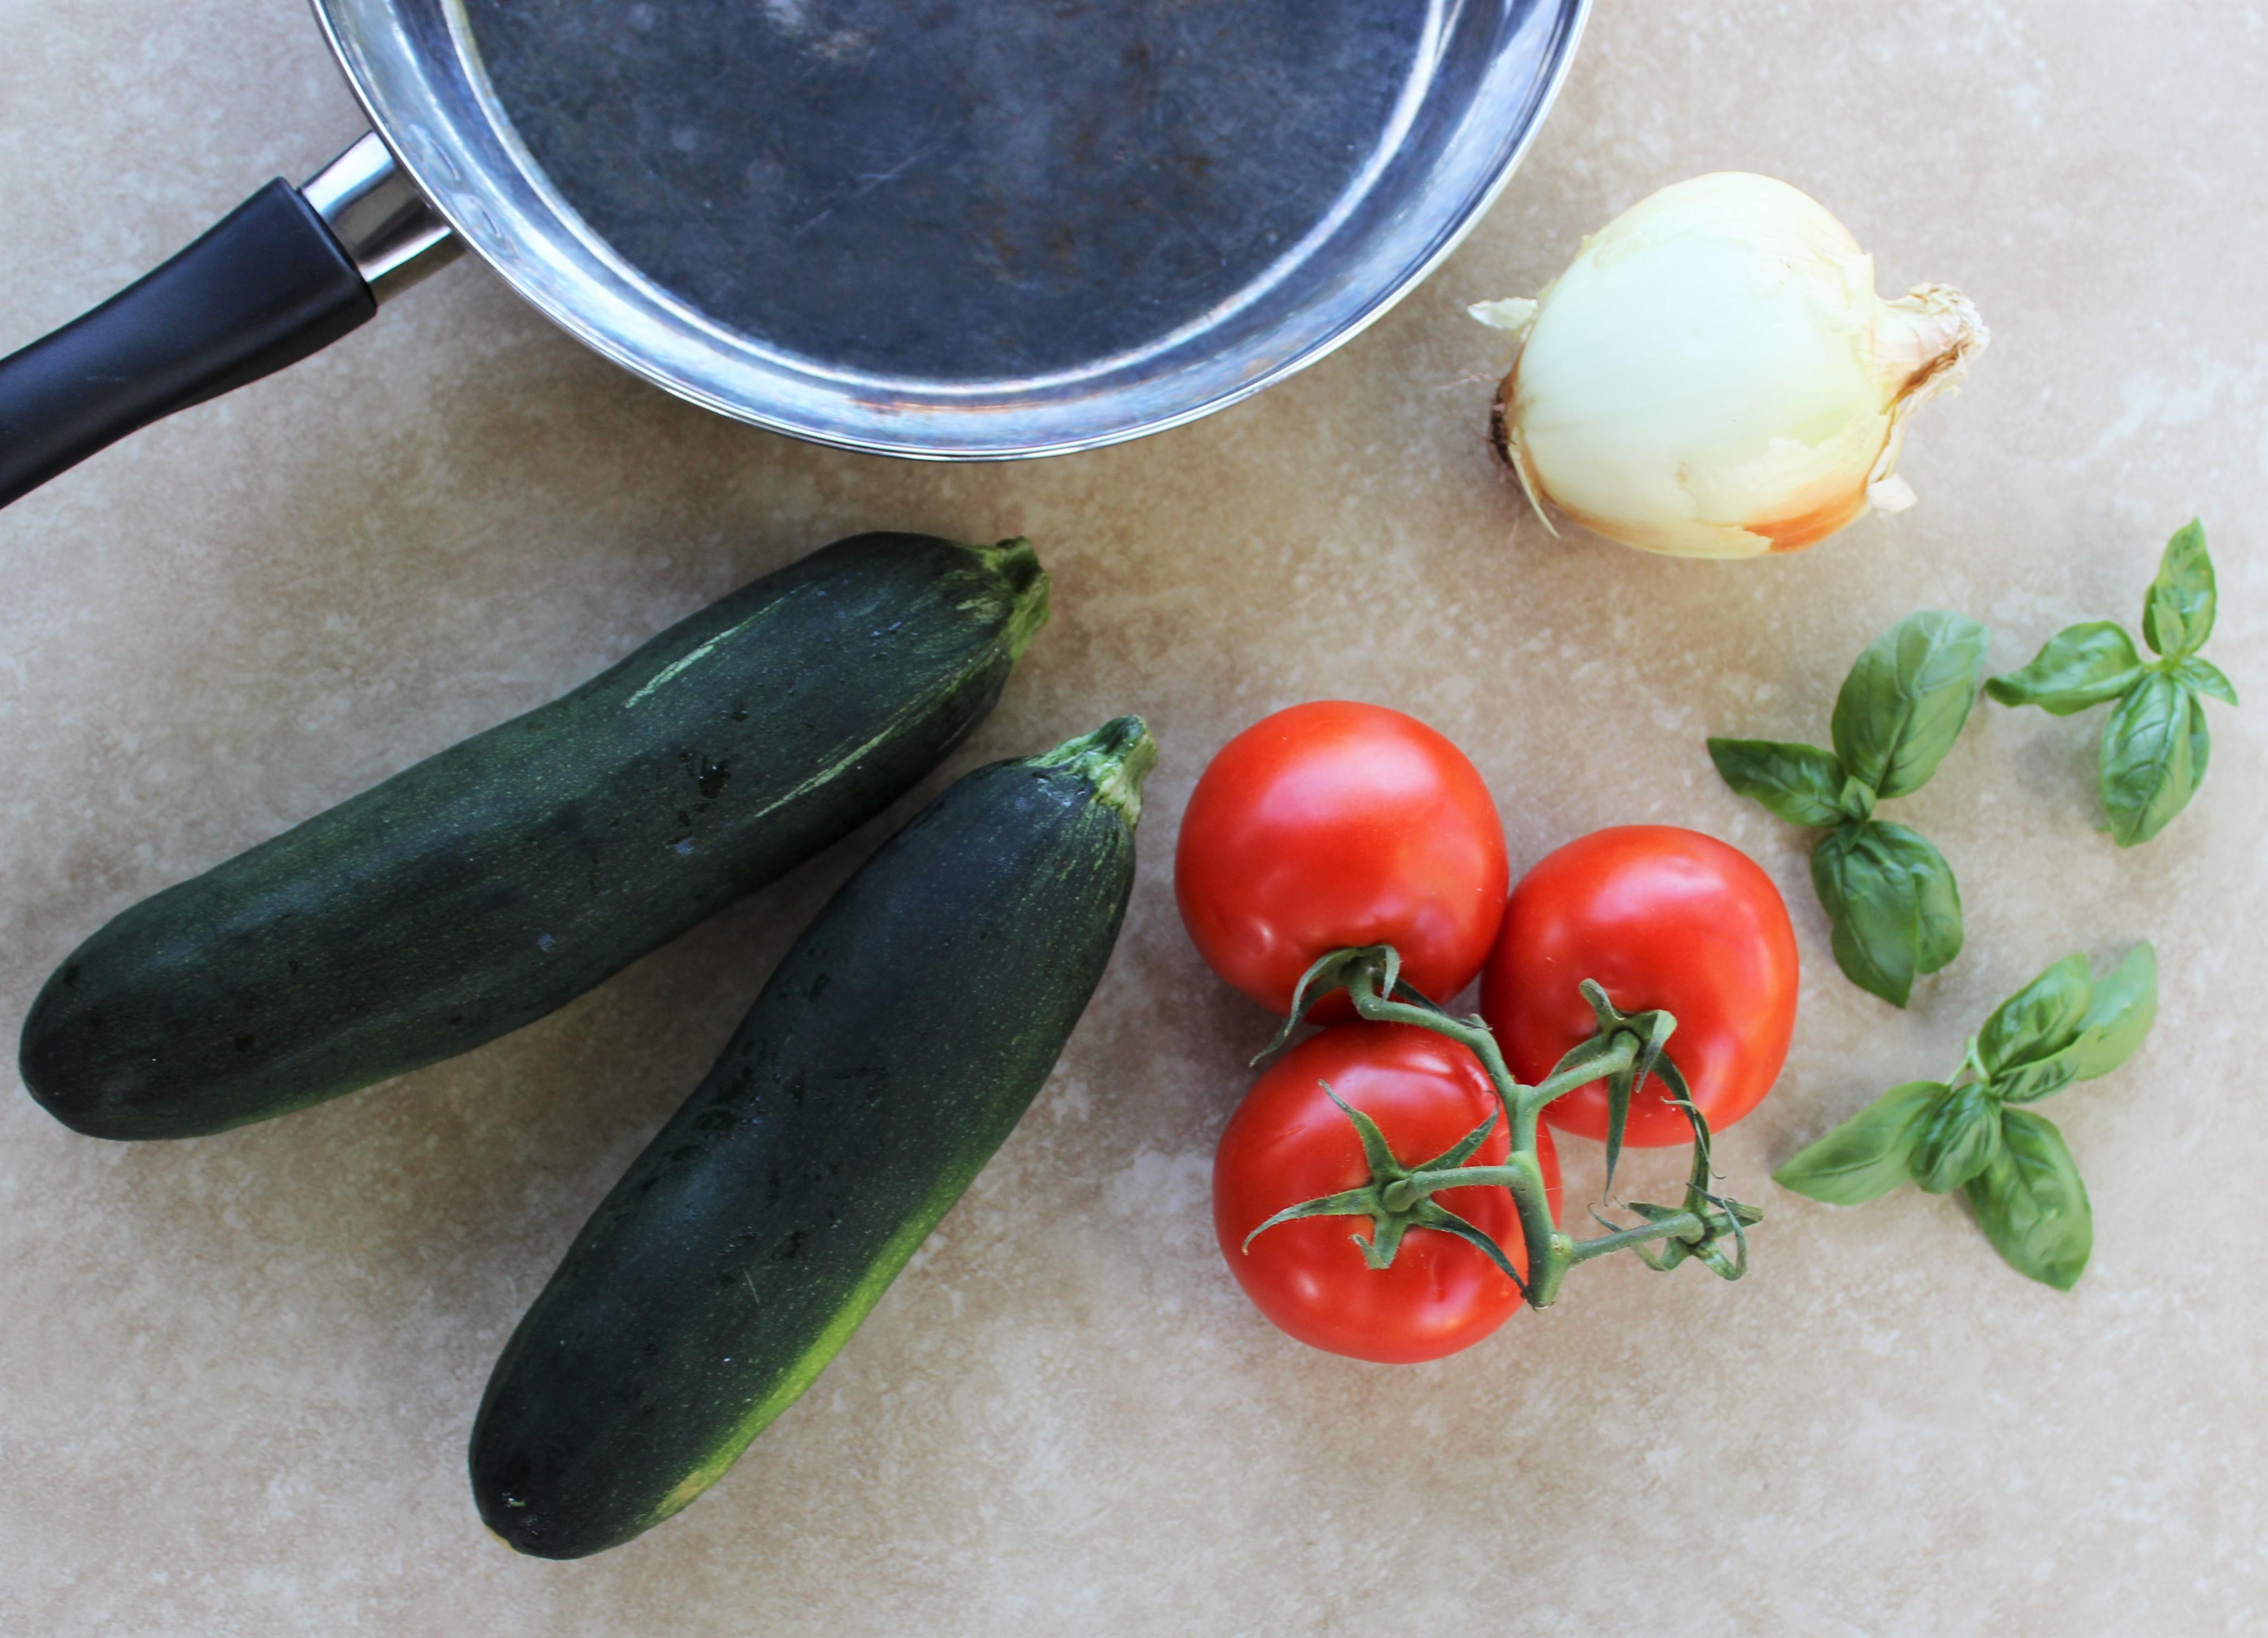 Tomato, Zucchini, and Mozzarella Bake 2